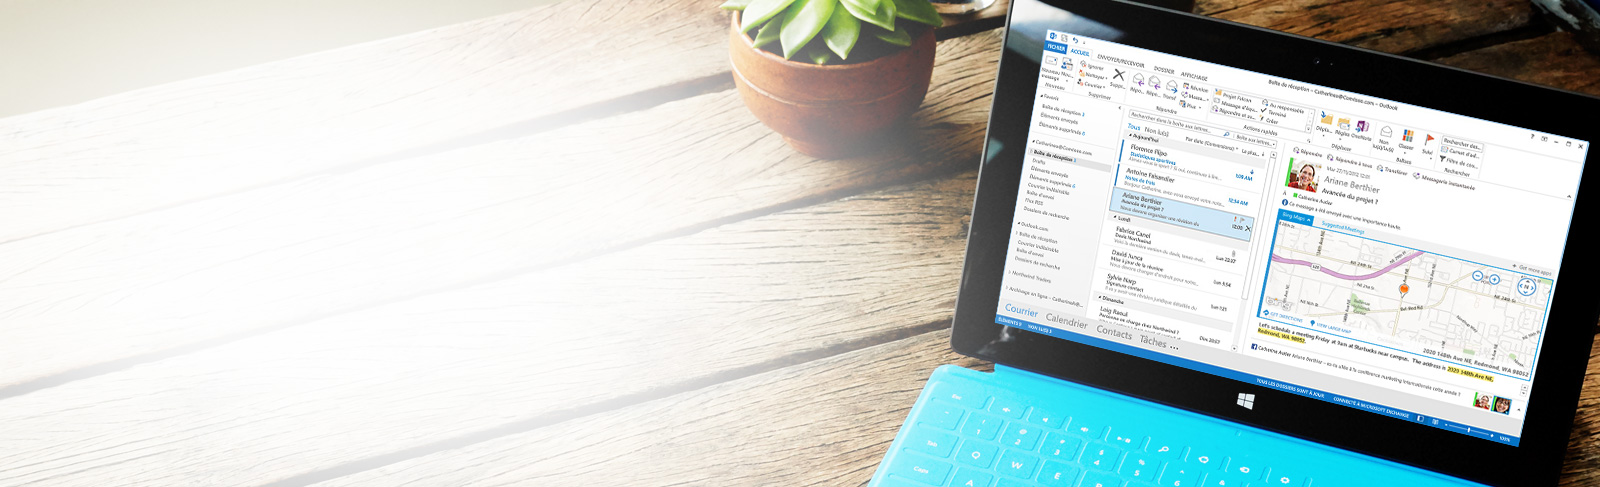 Tablette affichant la boîte de réception Microsoft® Outlook®2013 ainsi qu'une liste de messages et un aperçu.